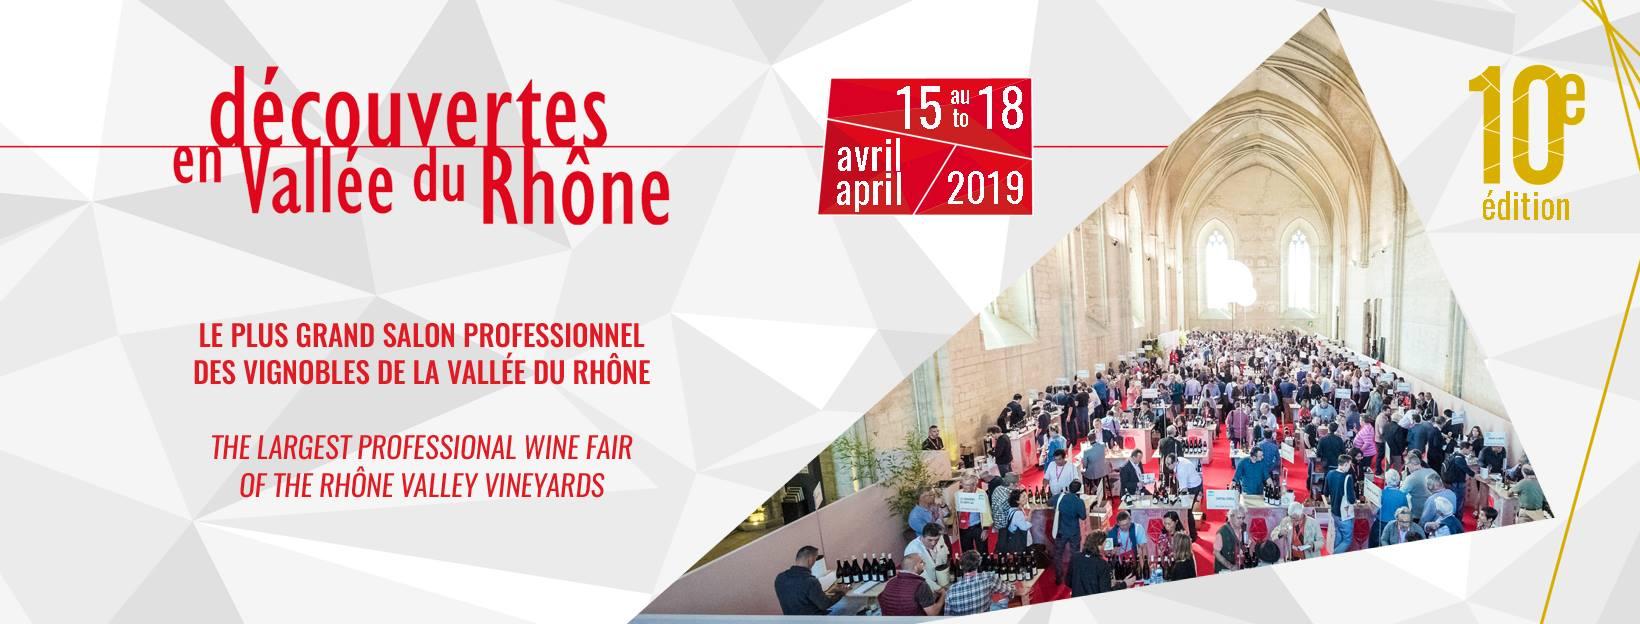 Découvertes en vallée du Rhône 2019